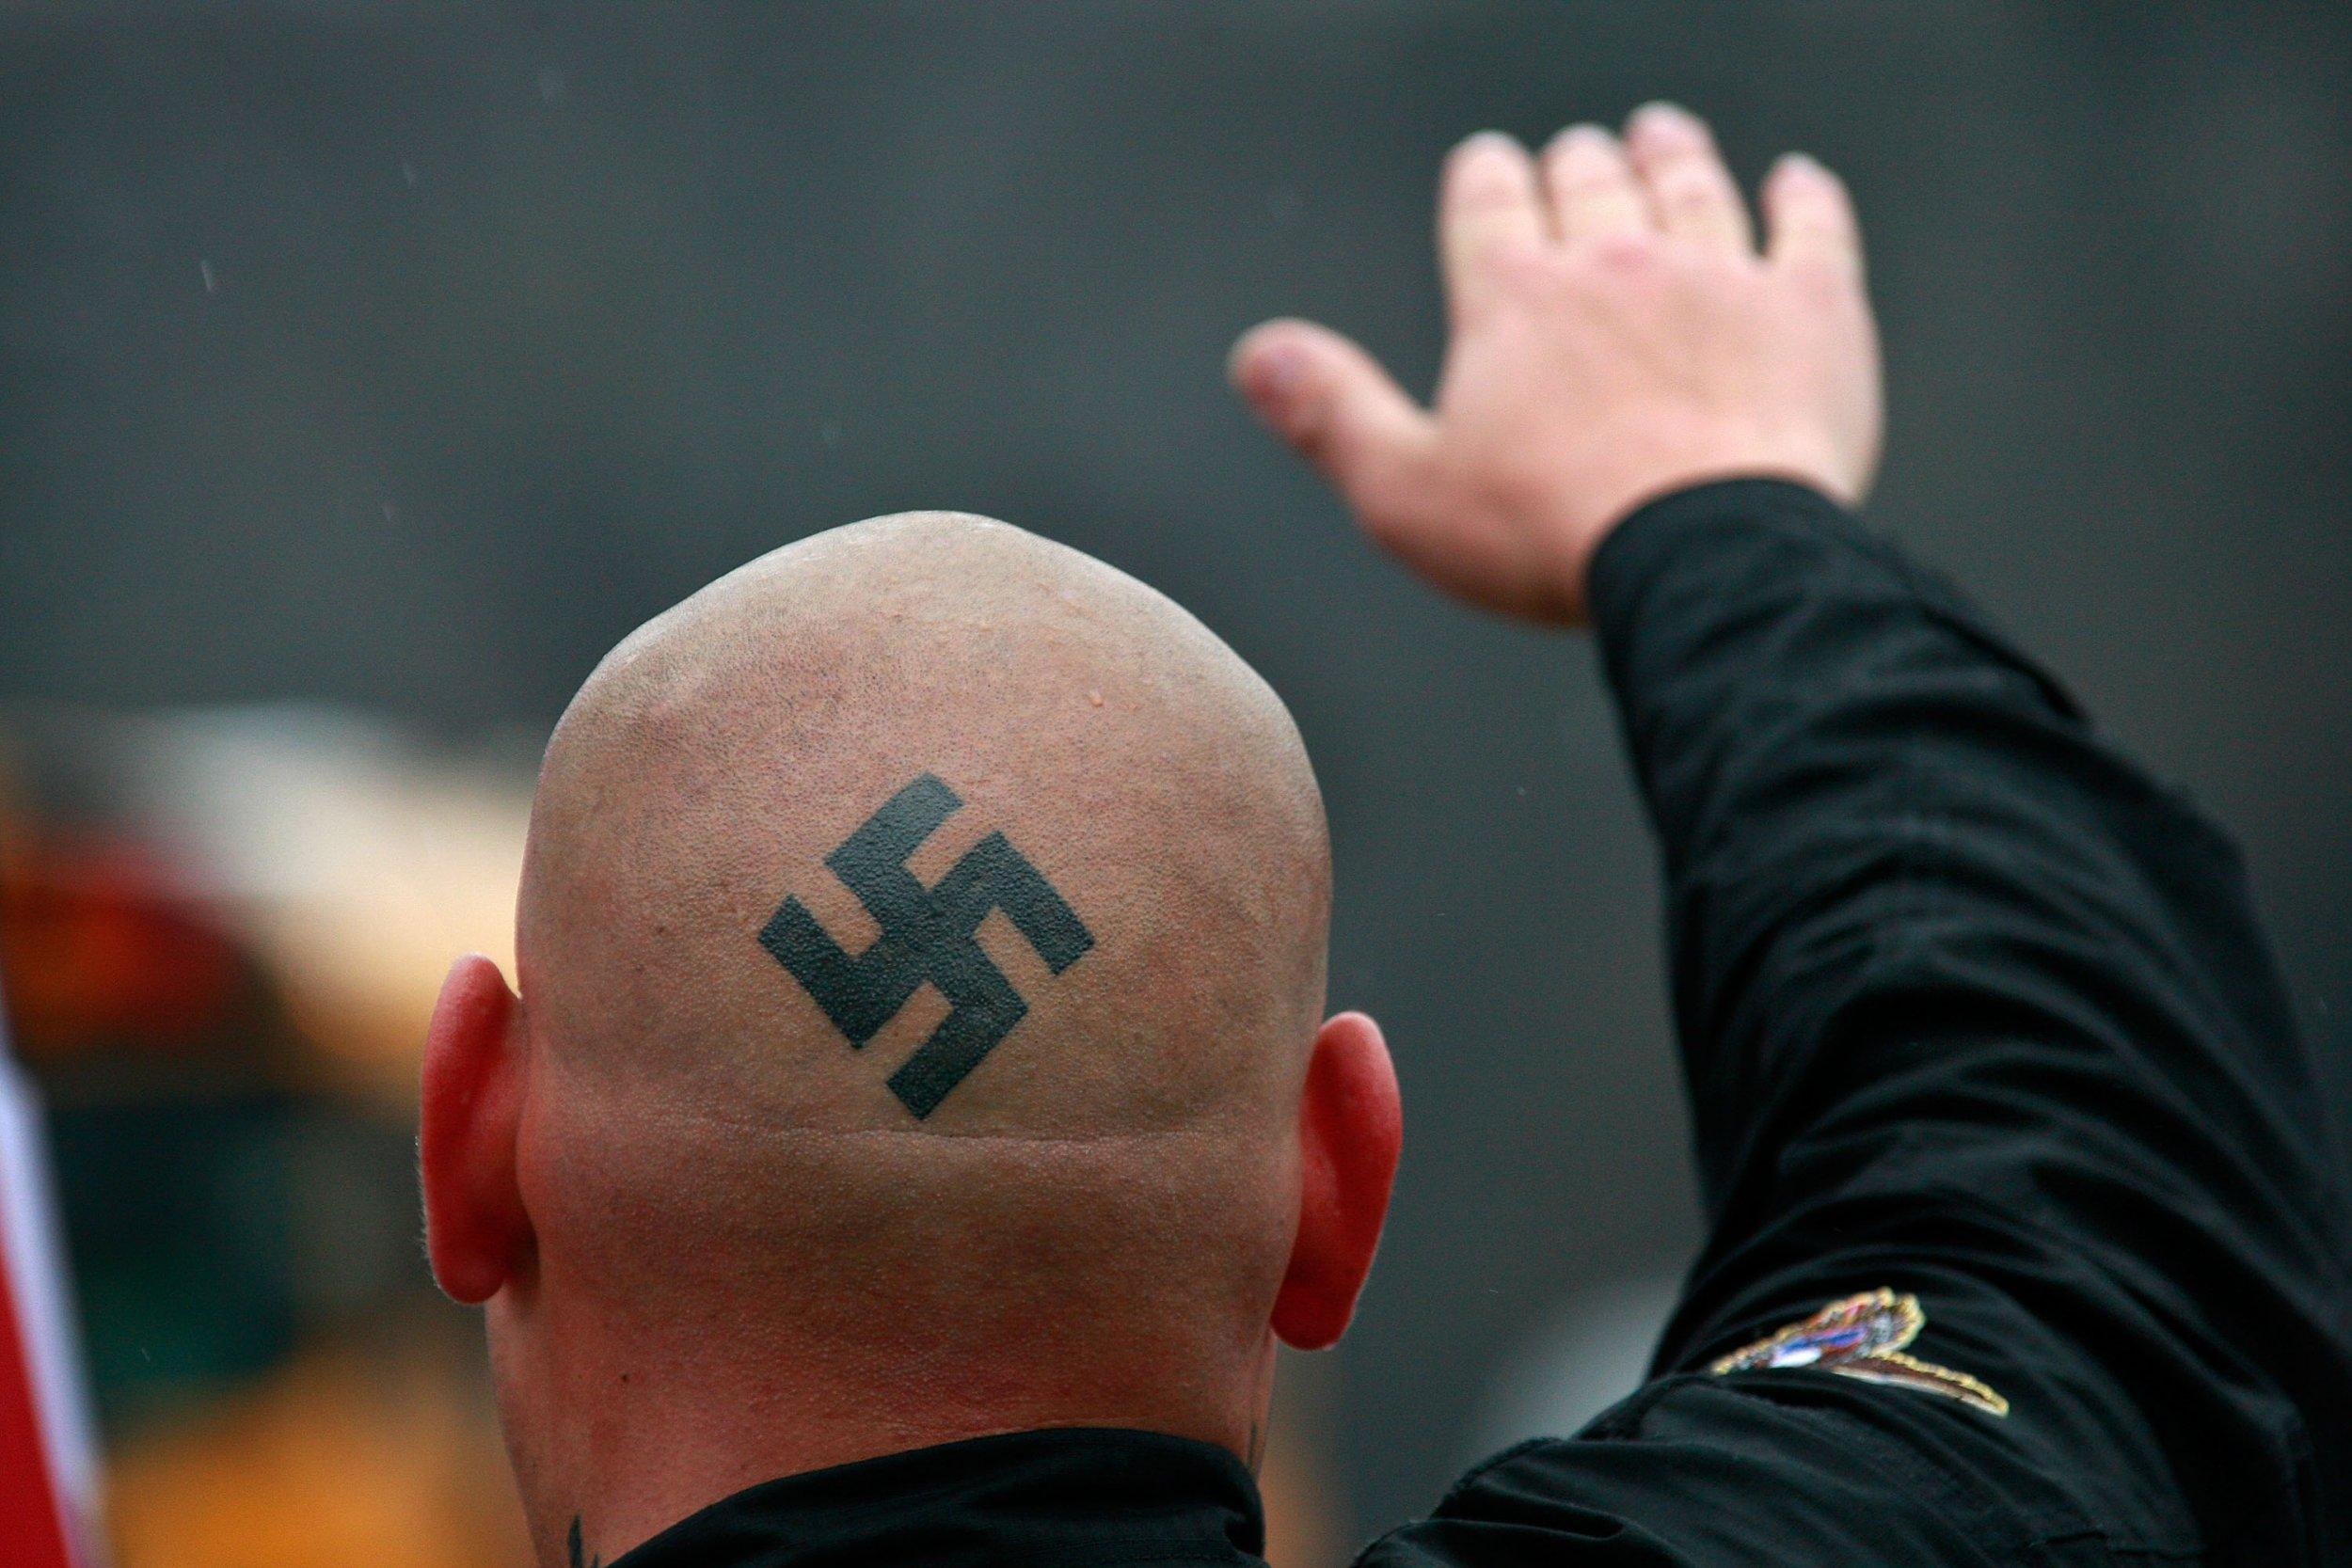 neo nazi attack